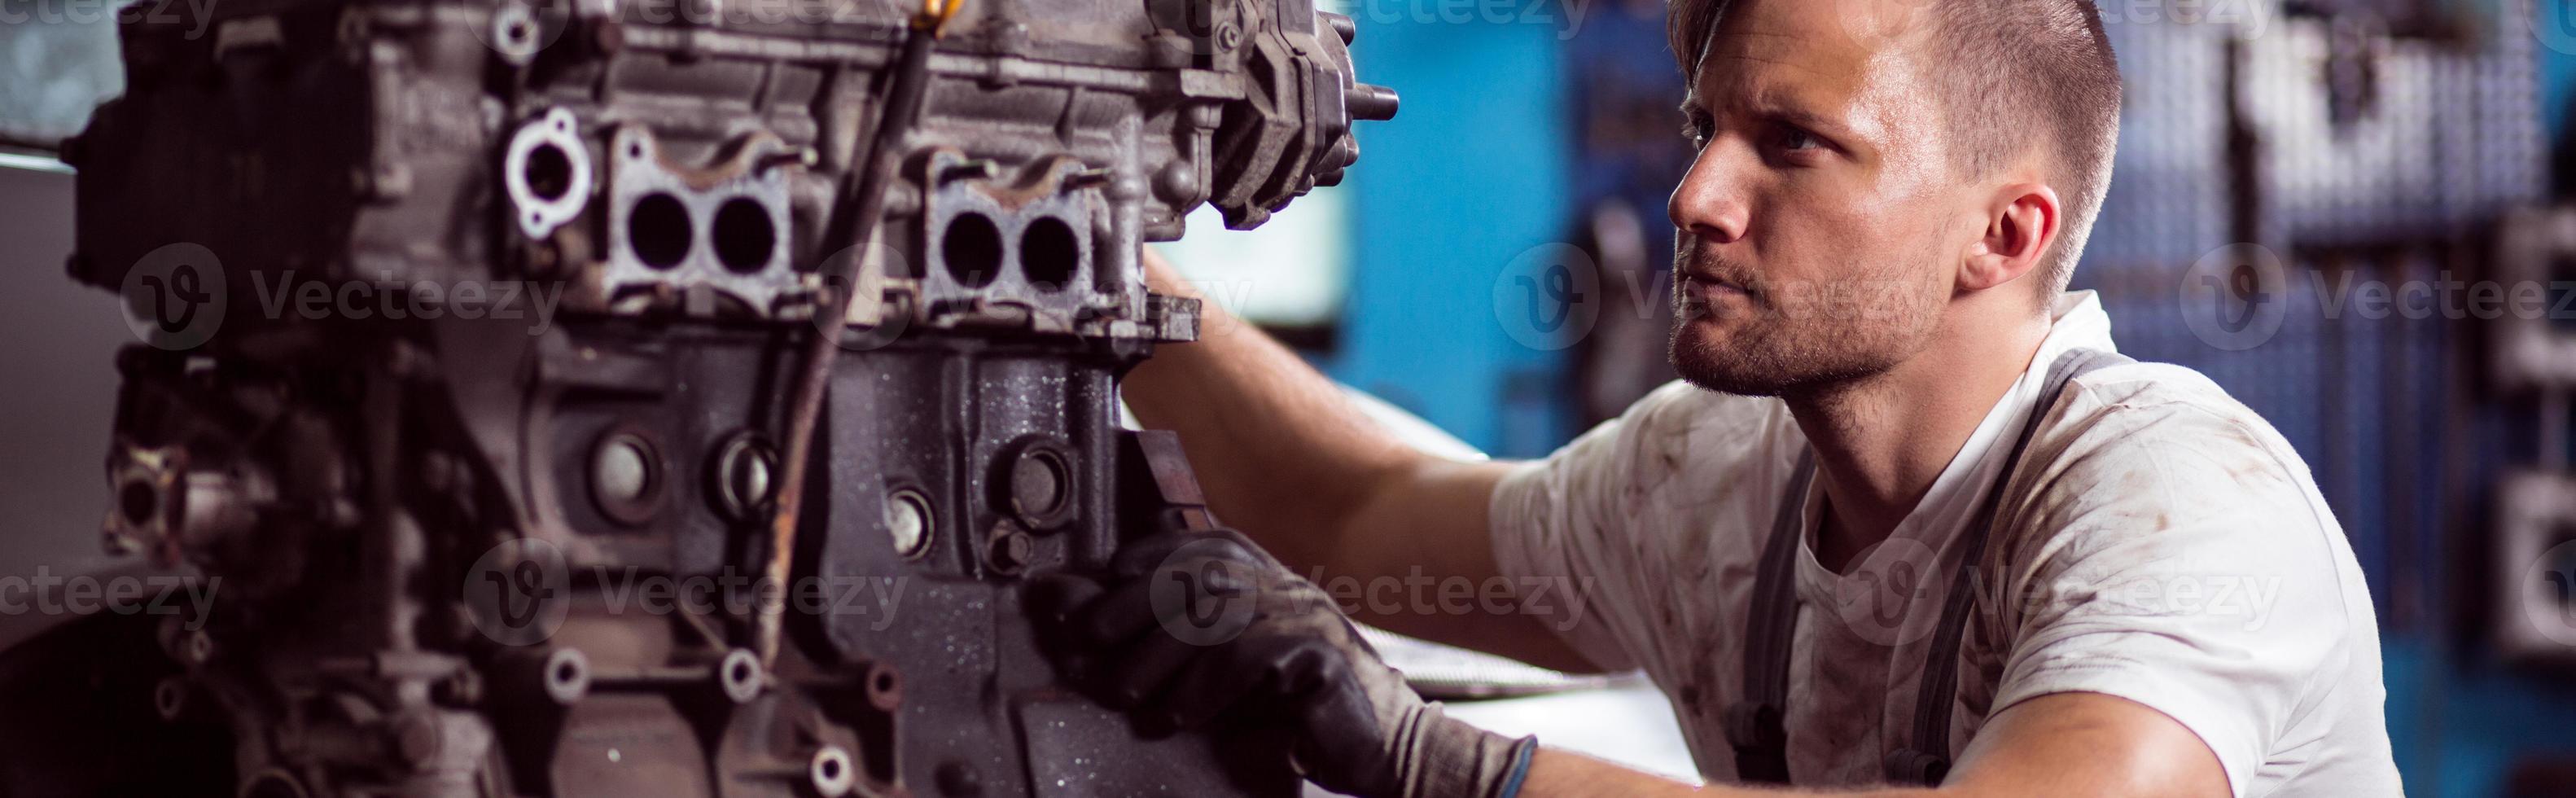 riparatore che ripara il motore di automobile foto